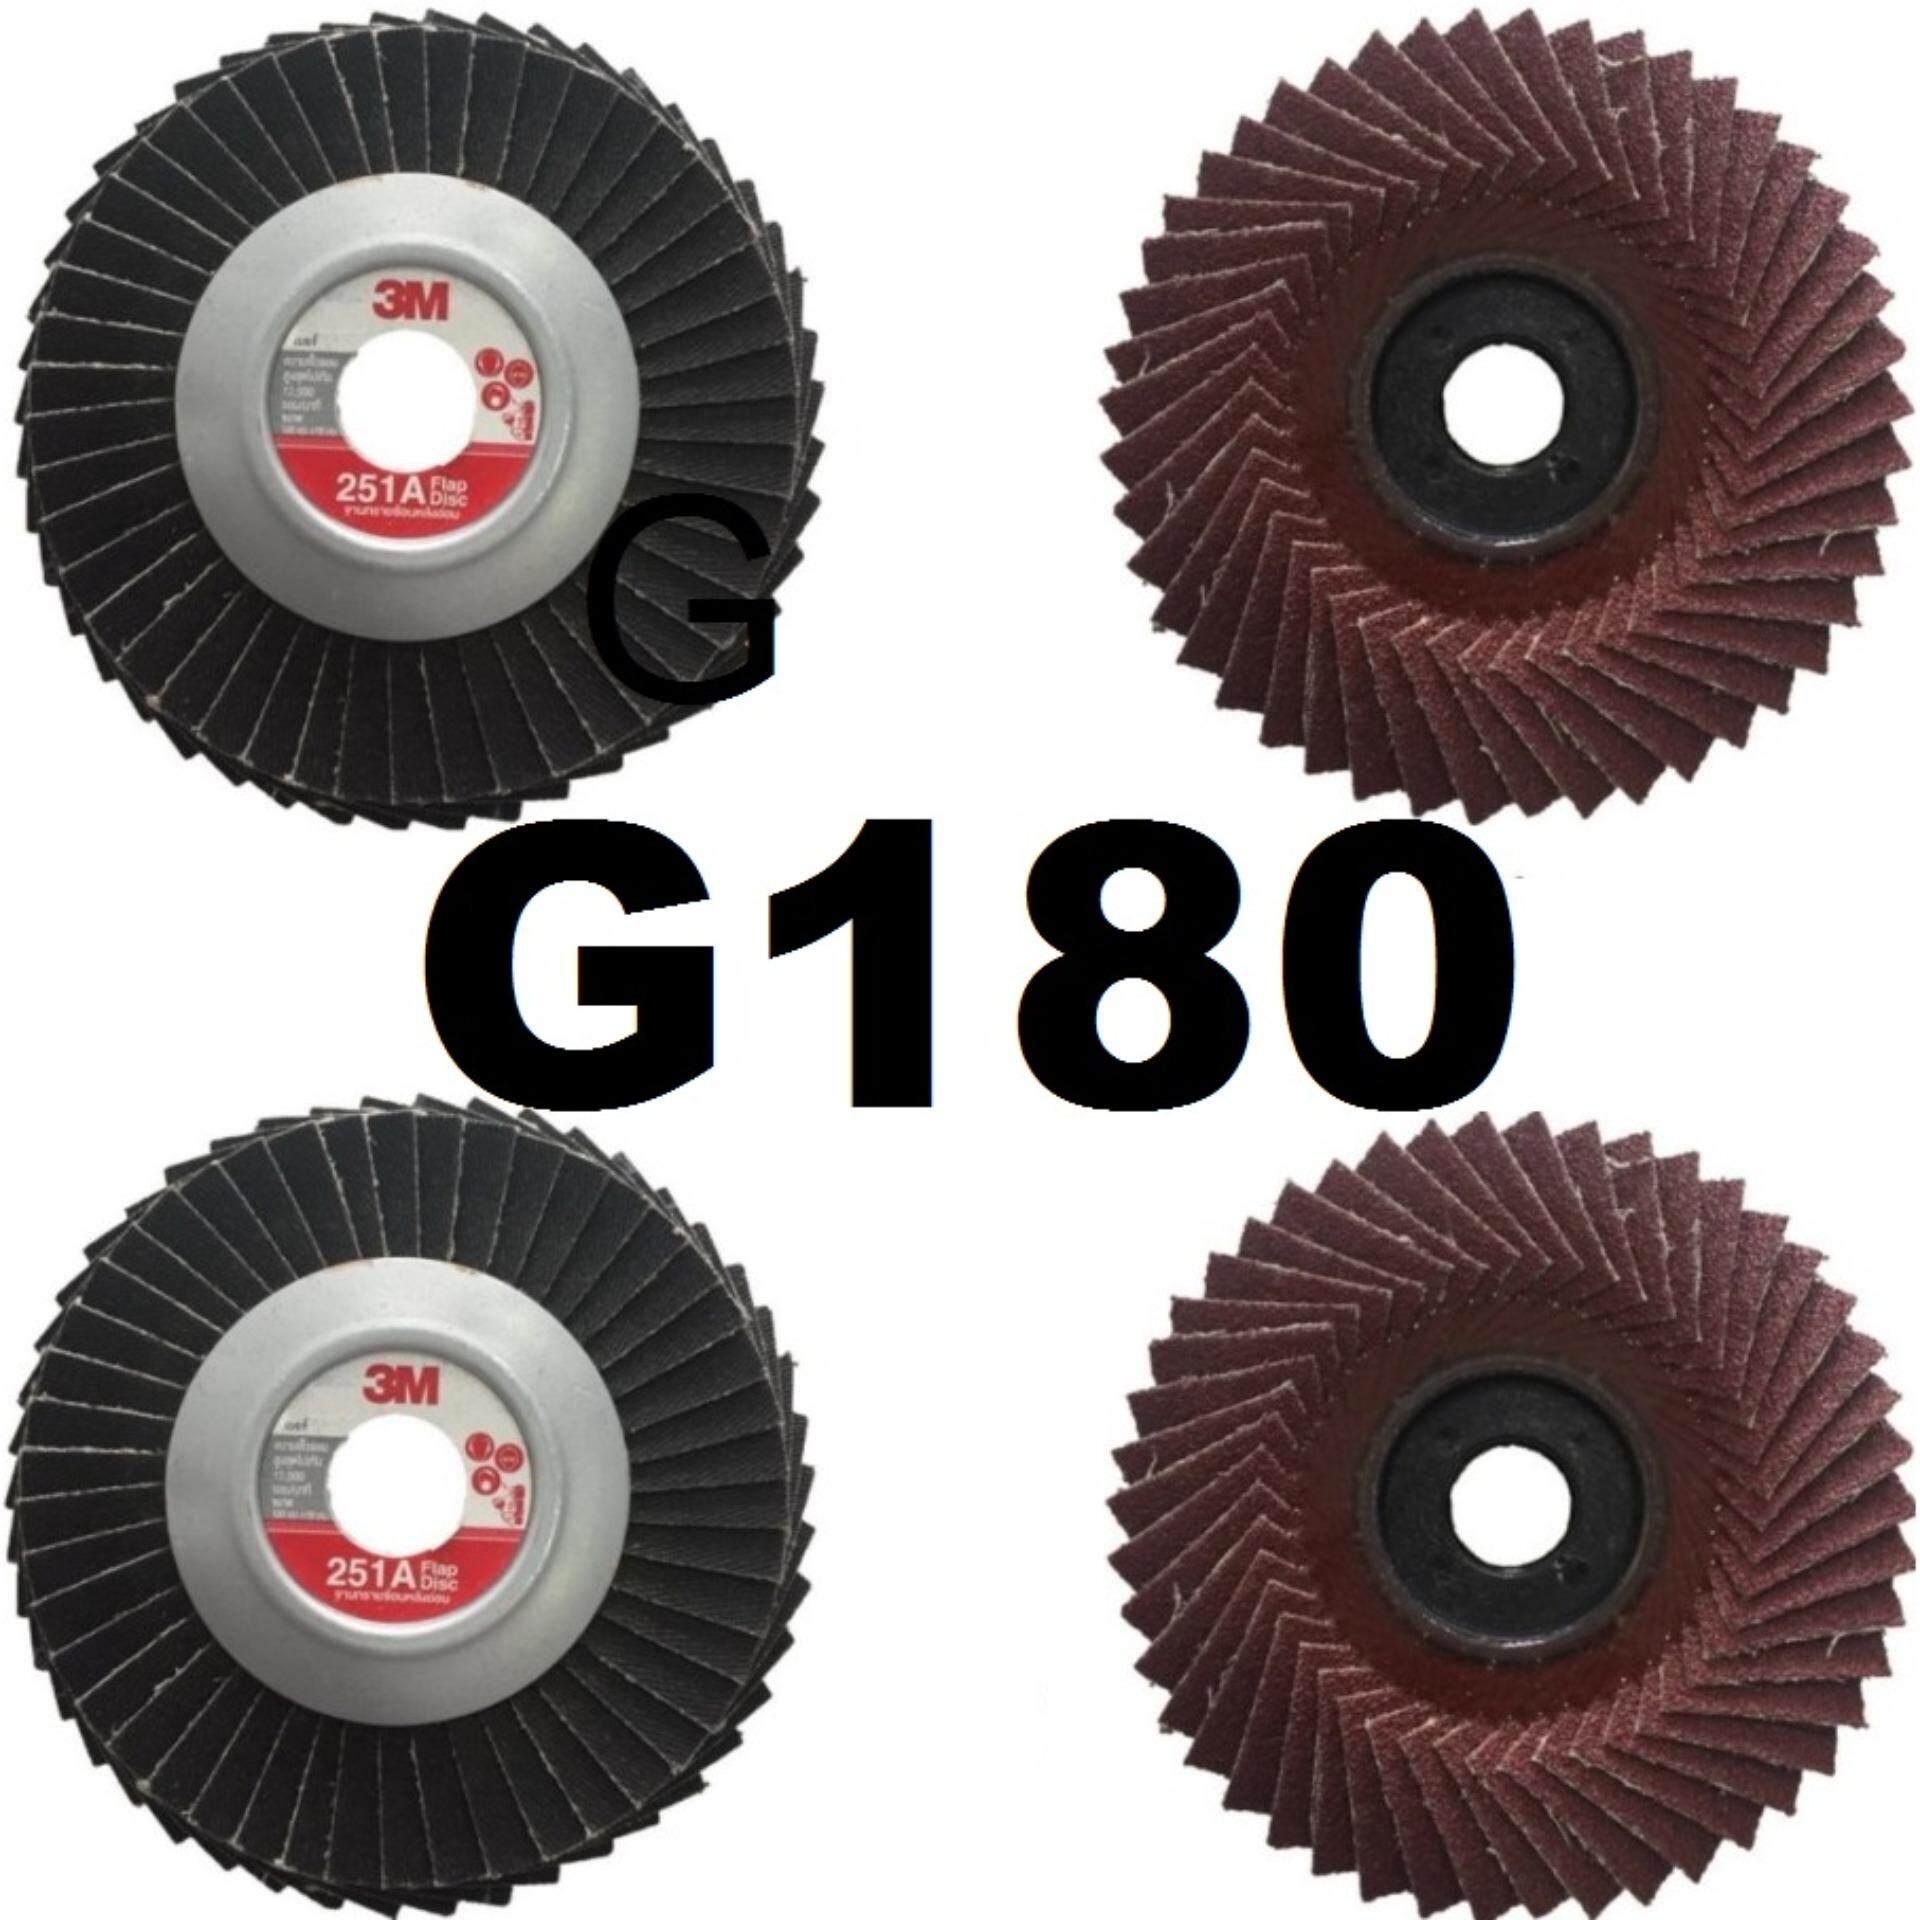 ขาย 3M 4 แผ่น เบอร์ 180 จานทรายหลังอ่อนแบบเรียงซ้อน ขนาด 4 นิ้ว Rigid Flap Disc Grinding